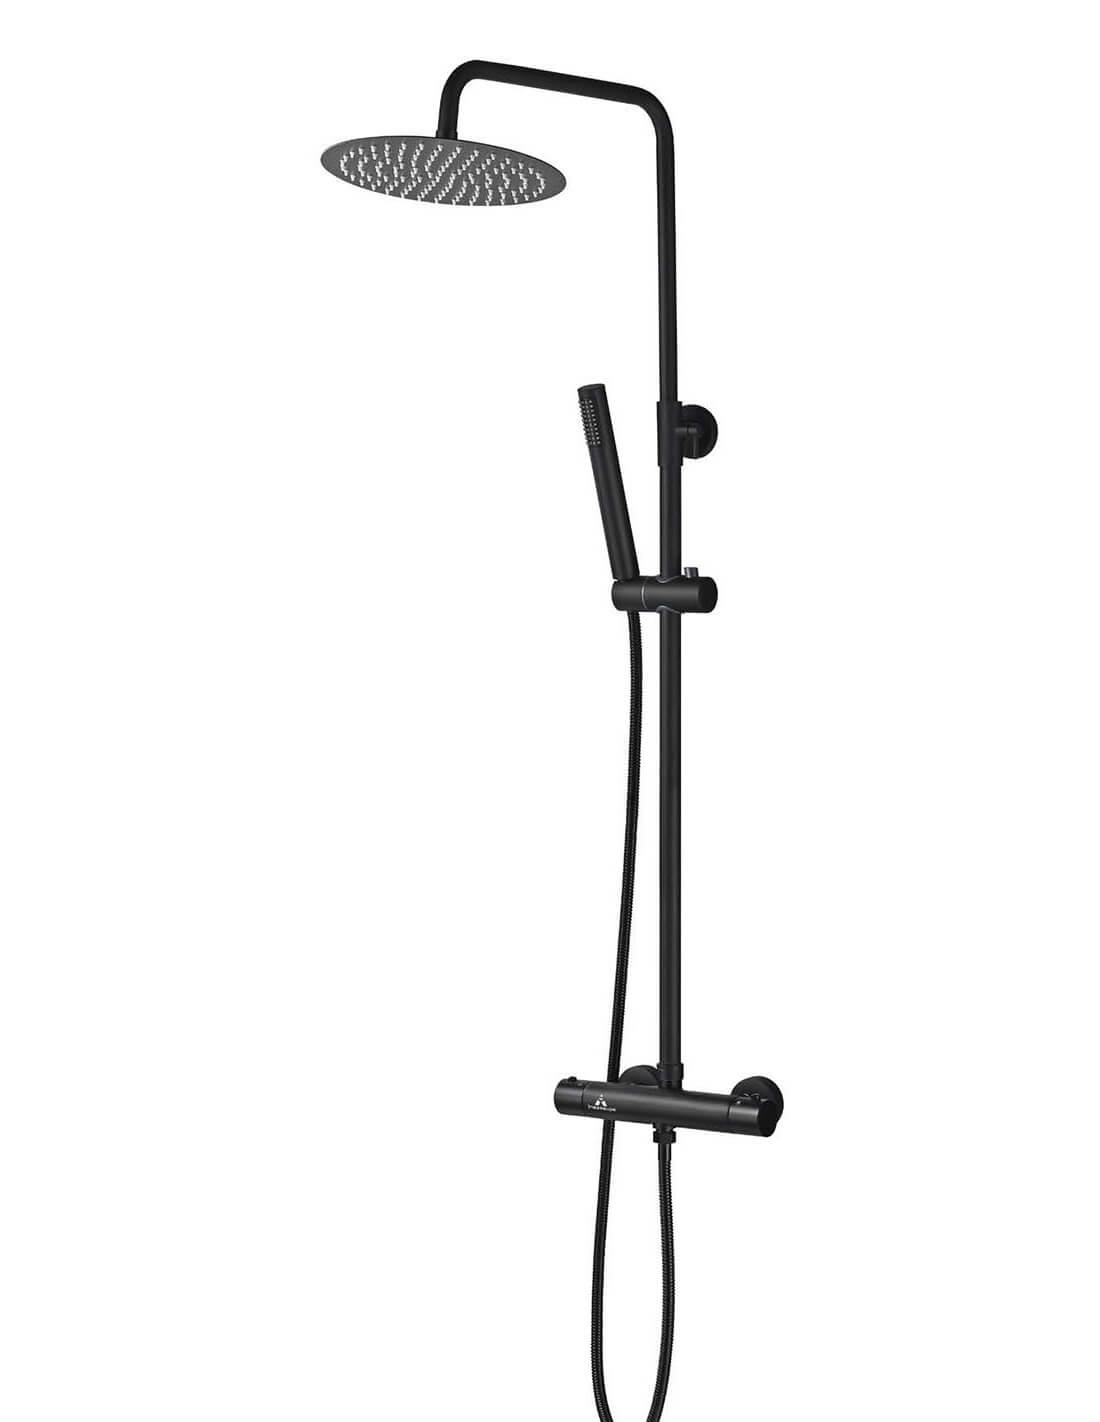 Columna de ducha termostática negra de Aquassent